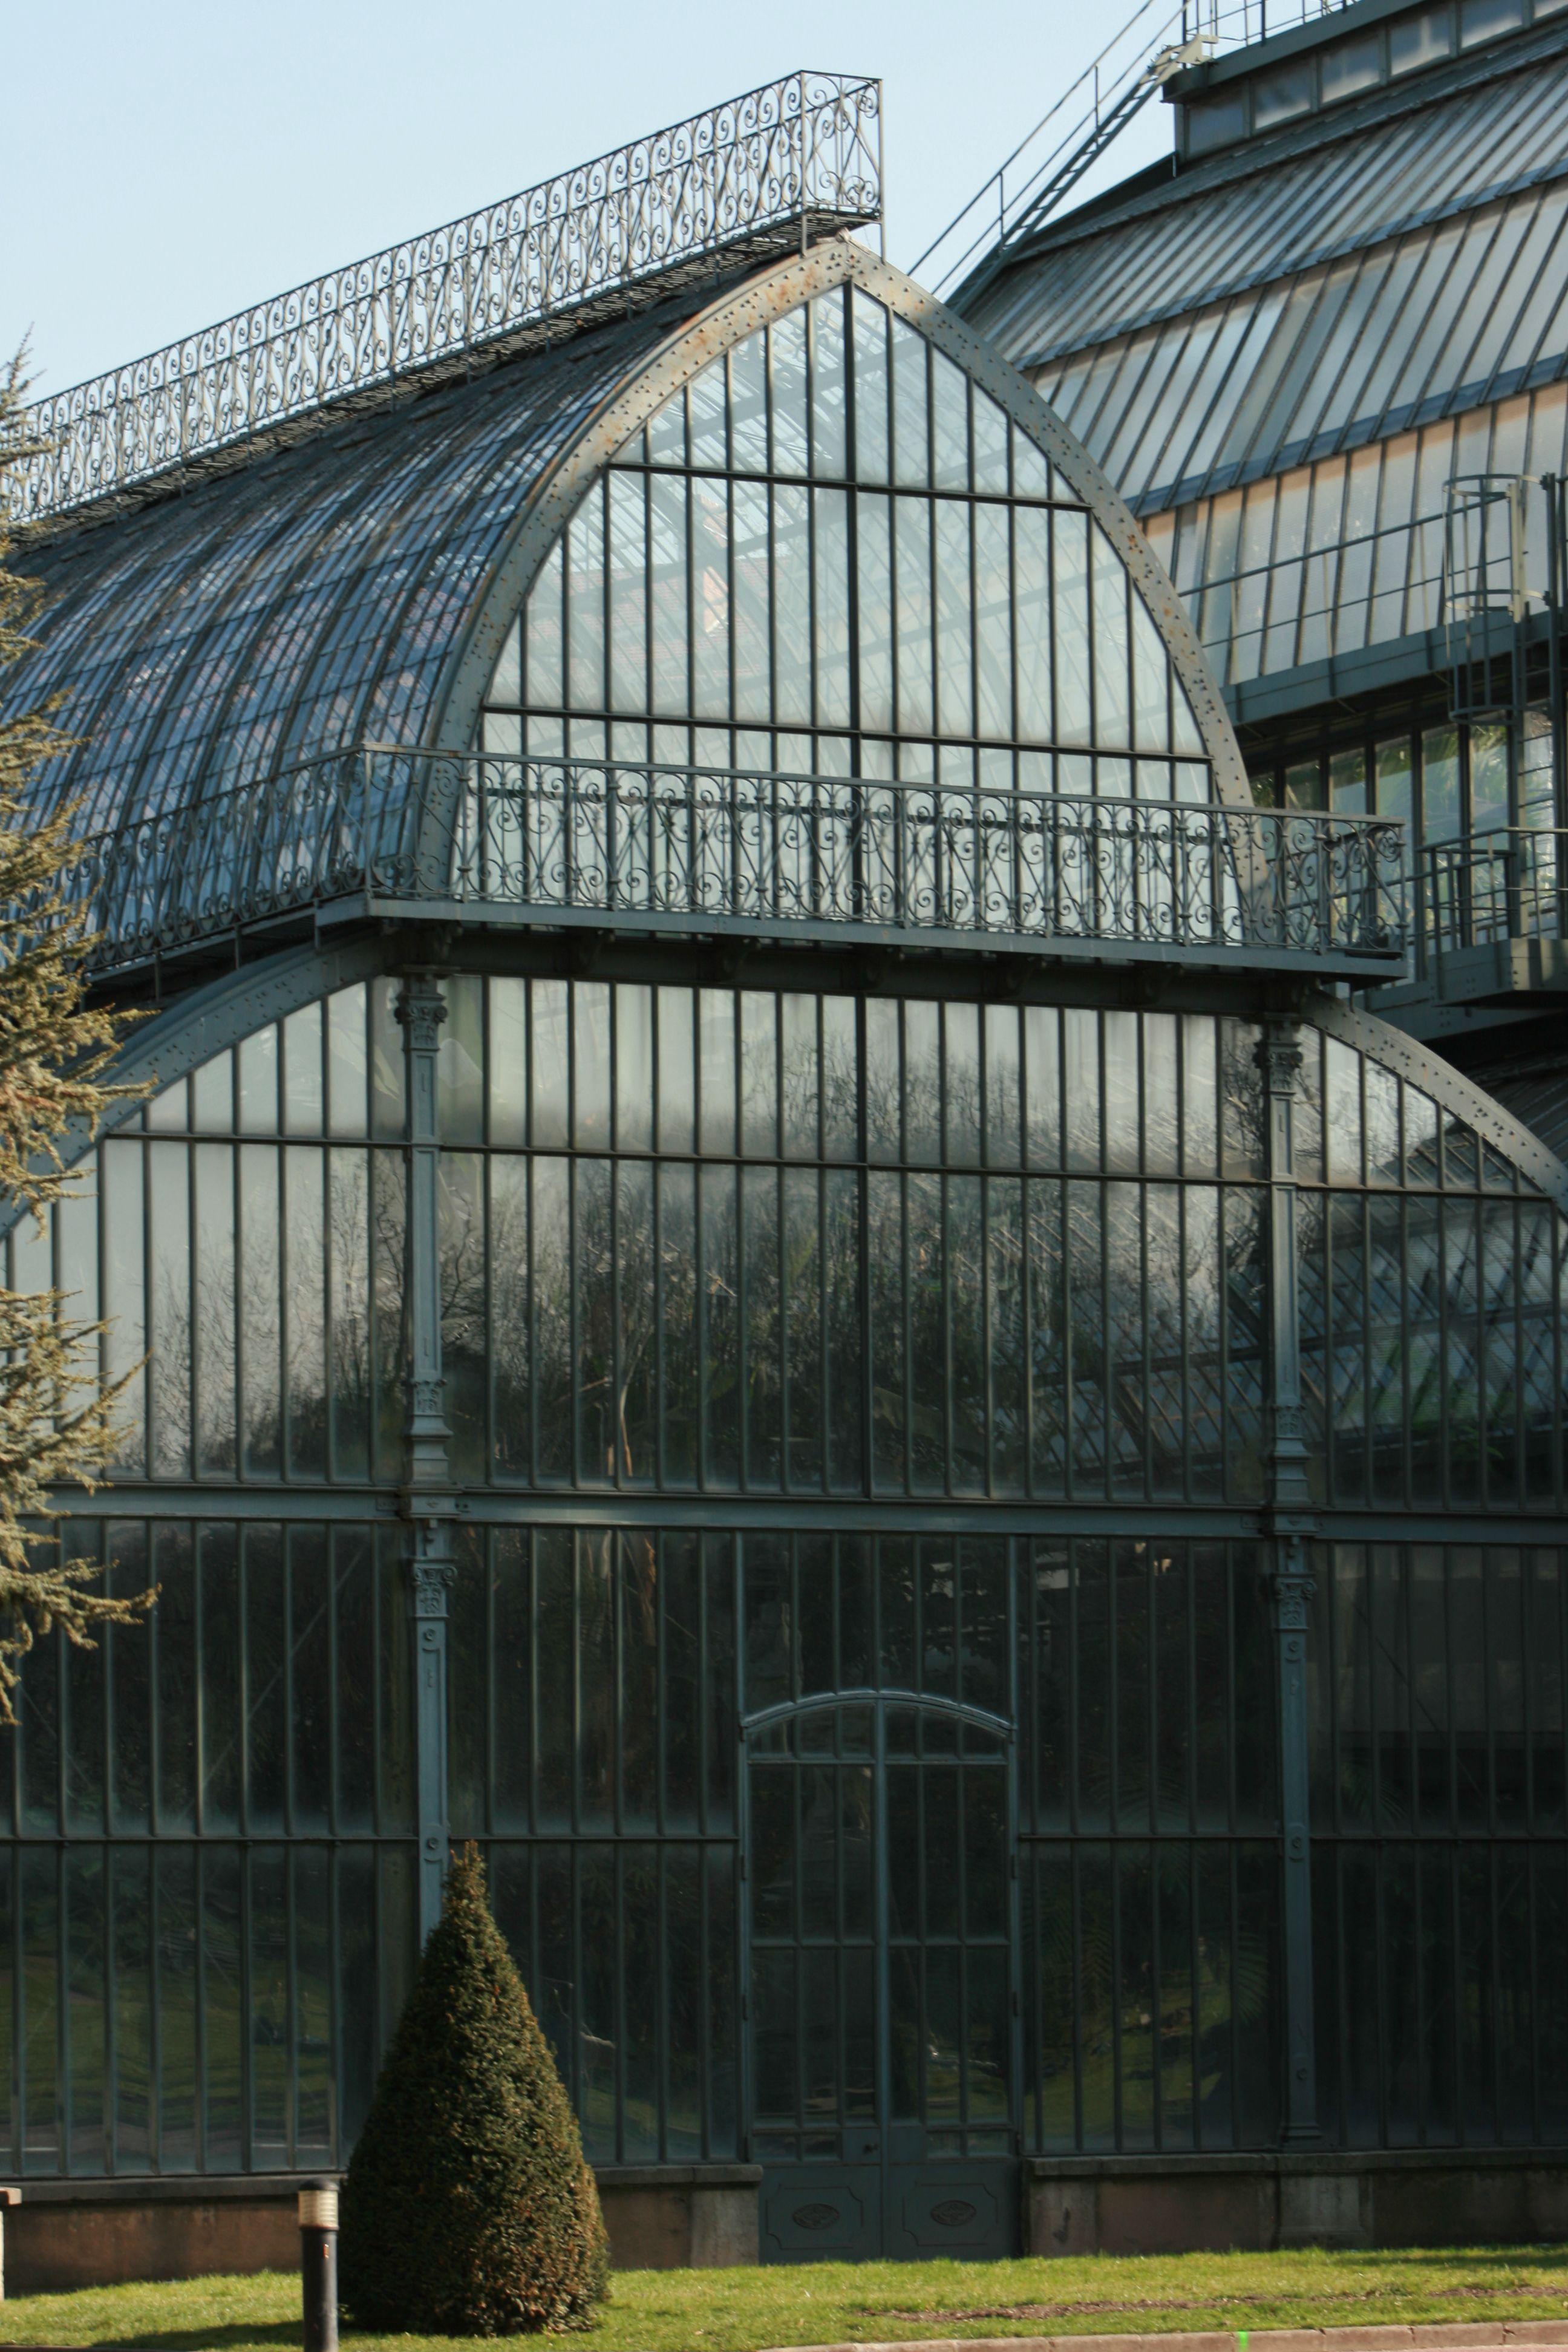 The greenhouses at Parc de la Tête d'Or, Lyon, RhôneAlpes